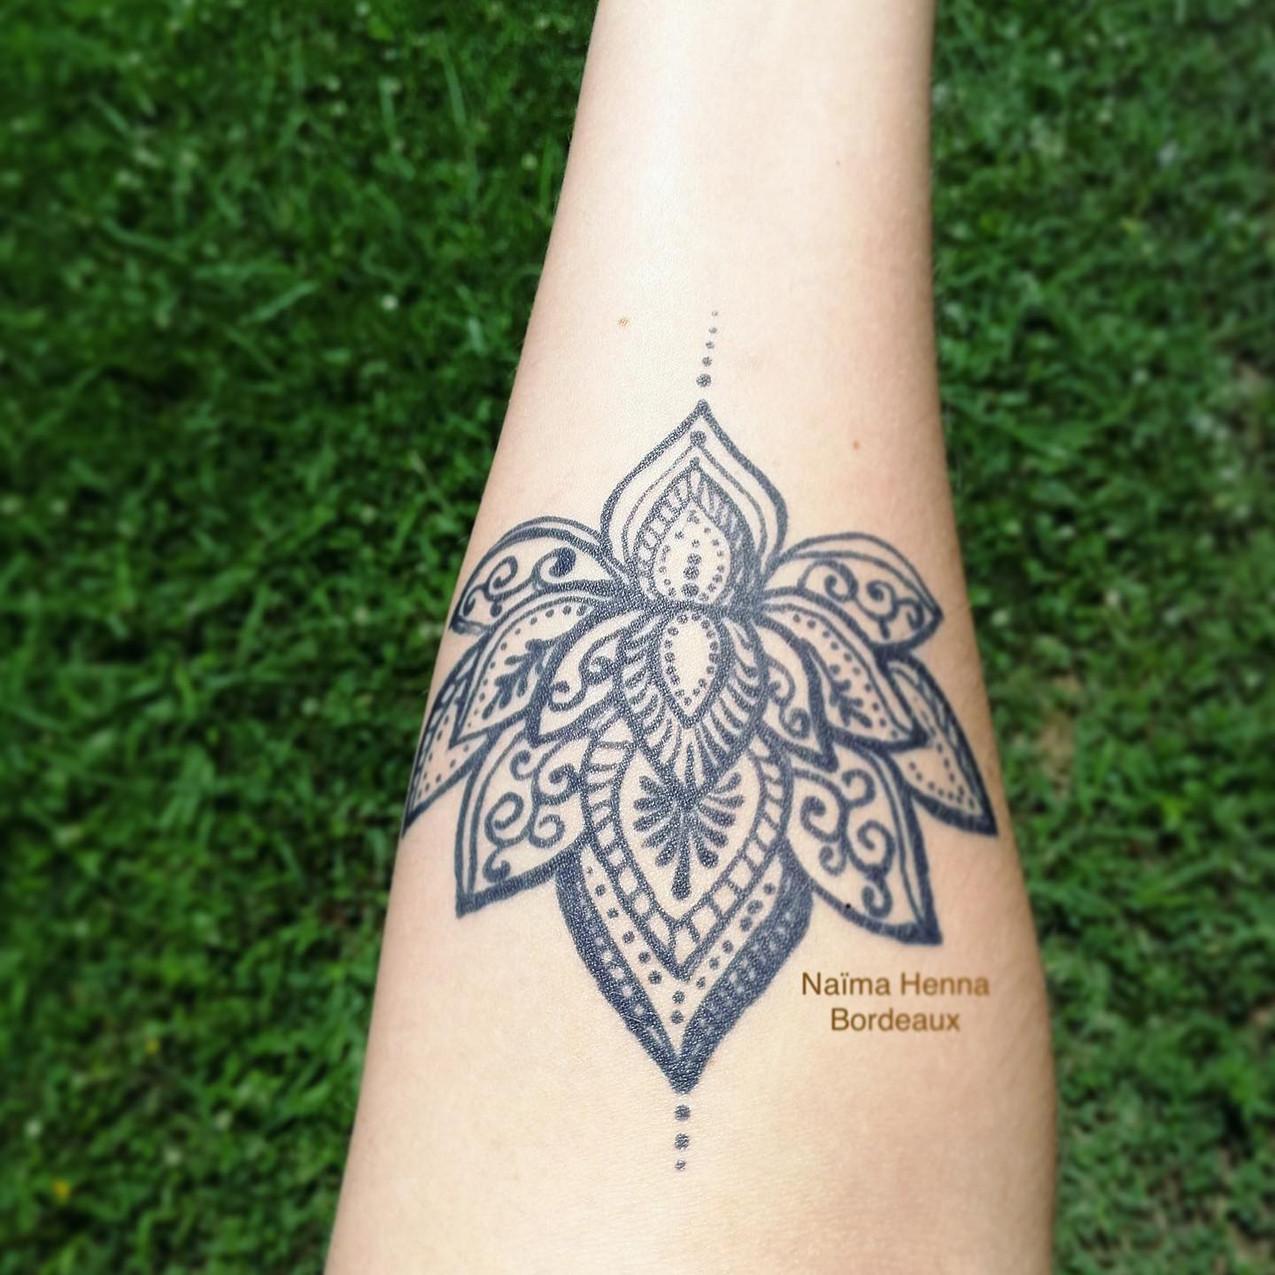 Jagua-lotus-naimahennabordeaux